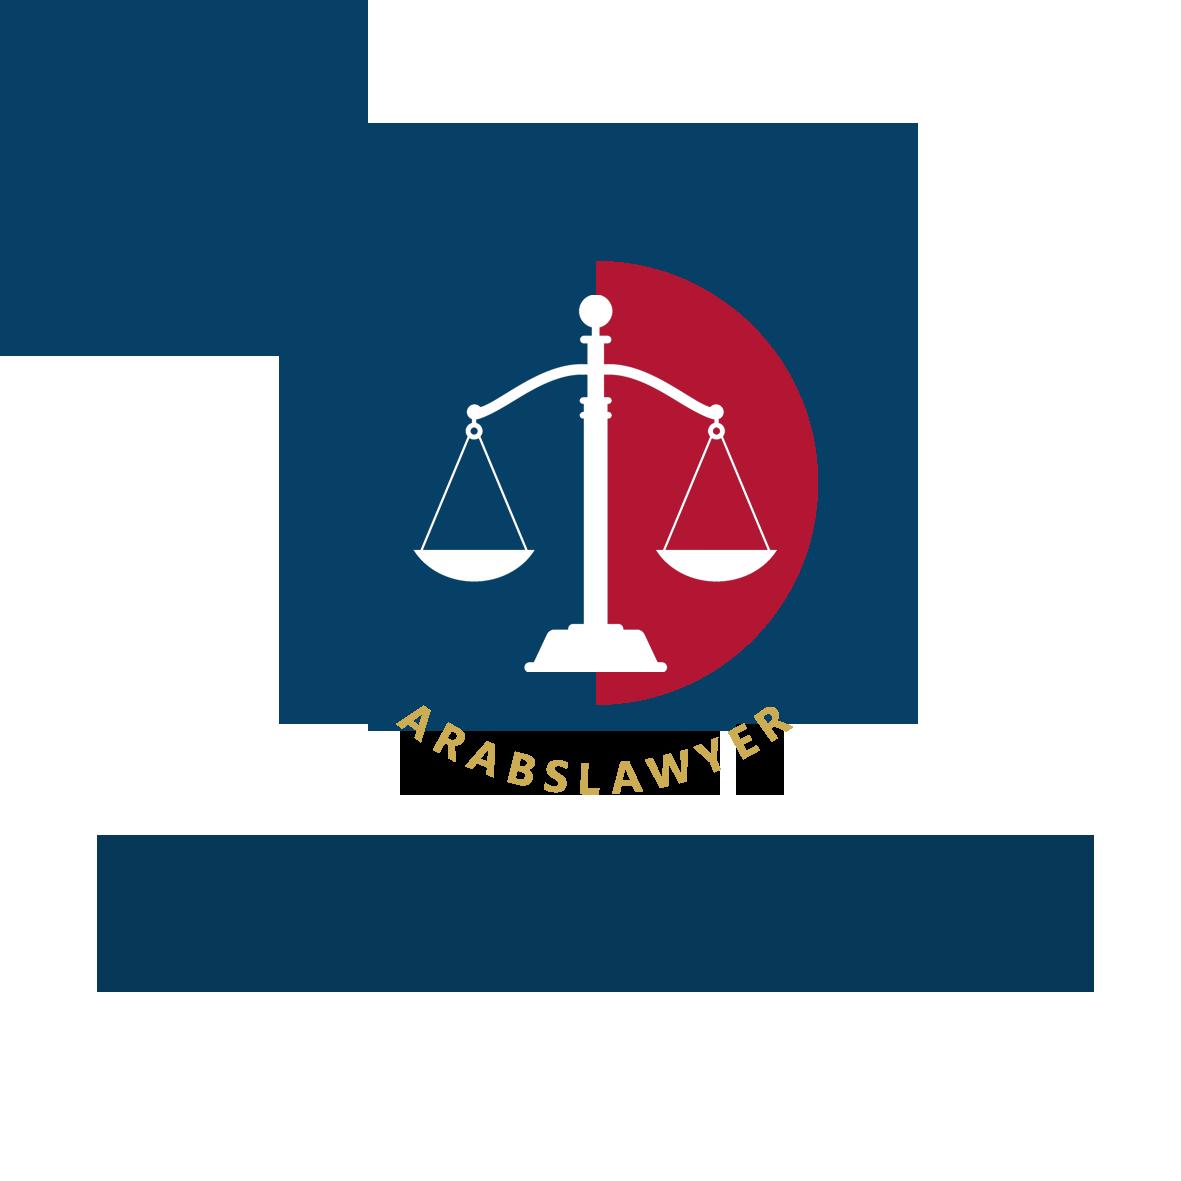 شركة محامي العرب للخدمات القانونية واعمال المحاماة